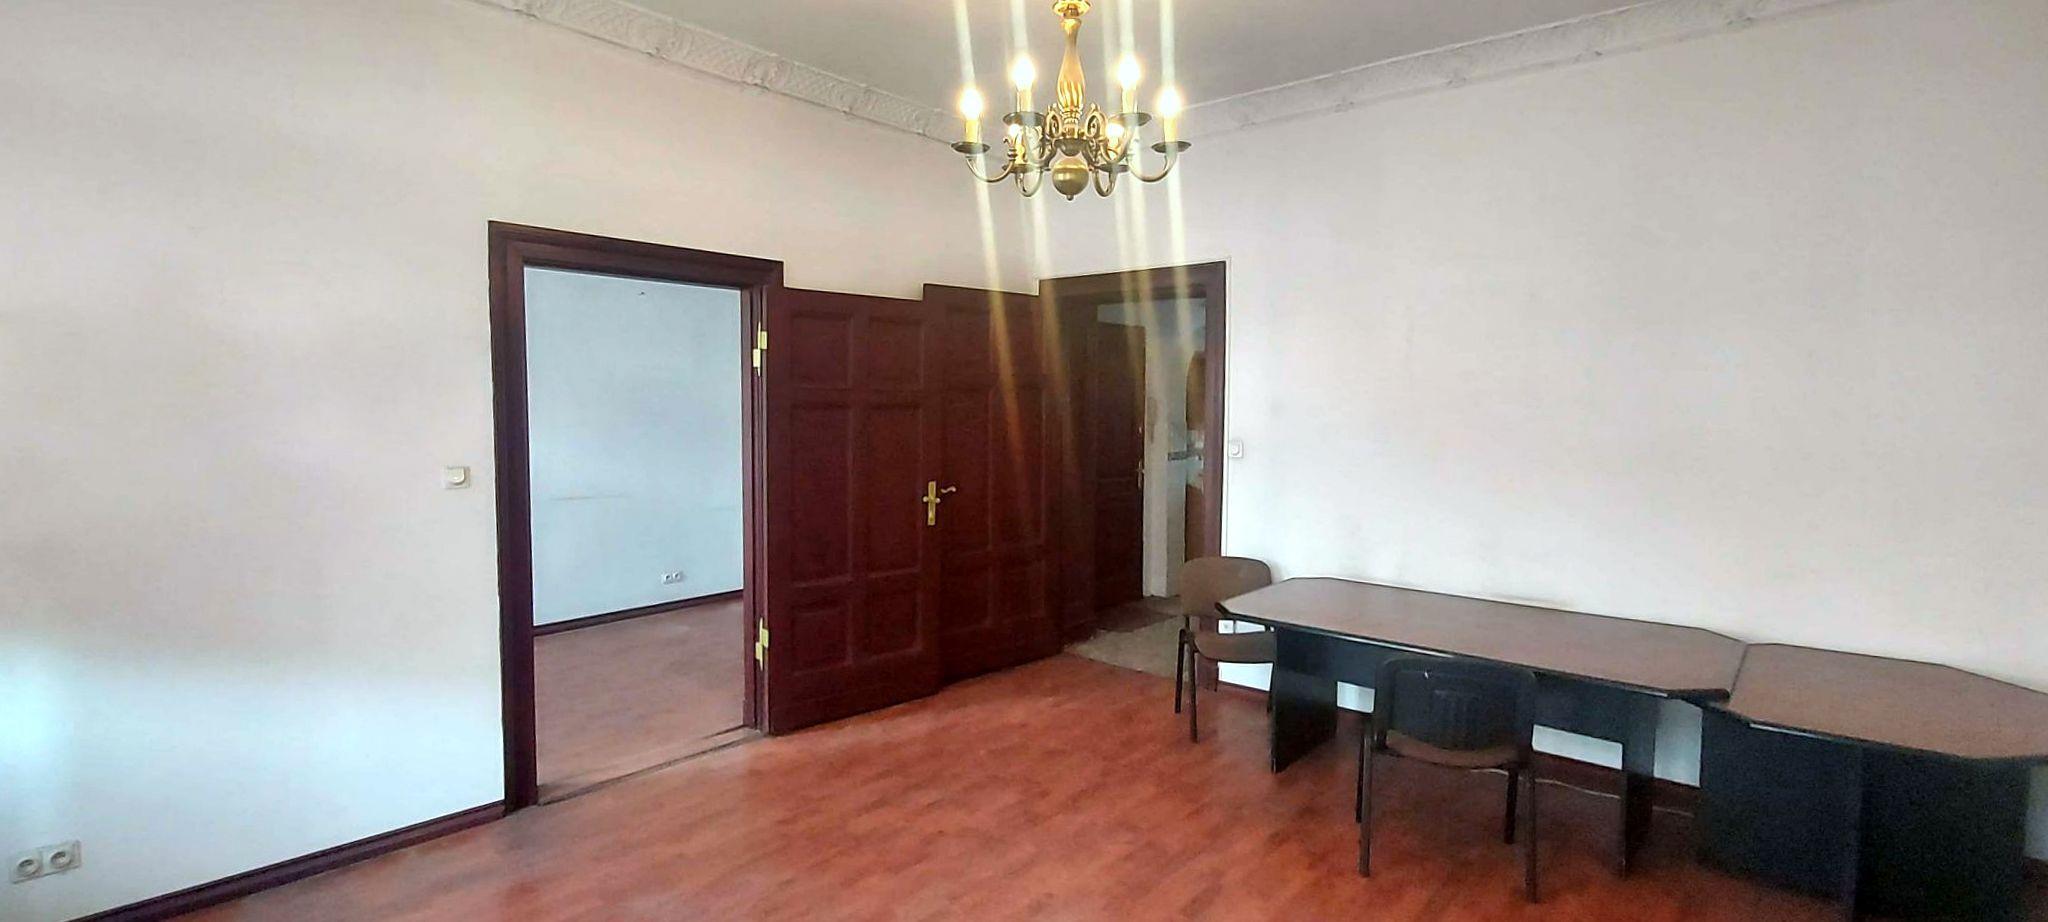 3 pokoje w centrum zrewitalizowane 1 piętro klimatyzacja 2 wejścia idealne na biuro, kancelarie